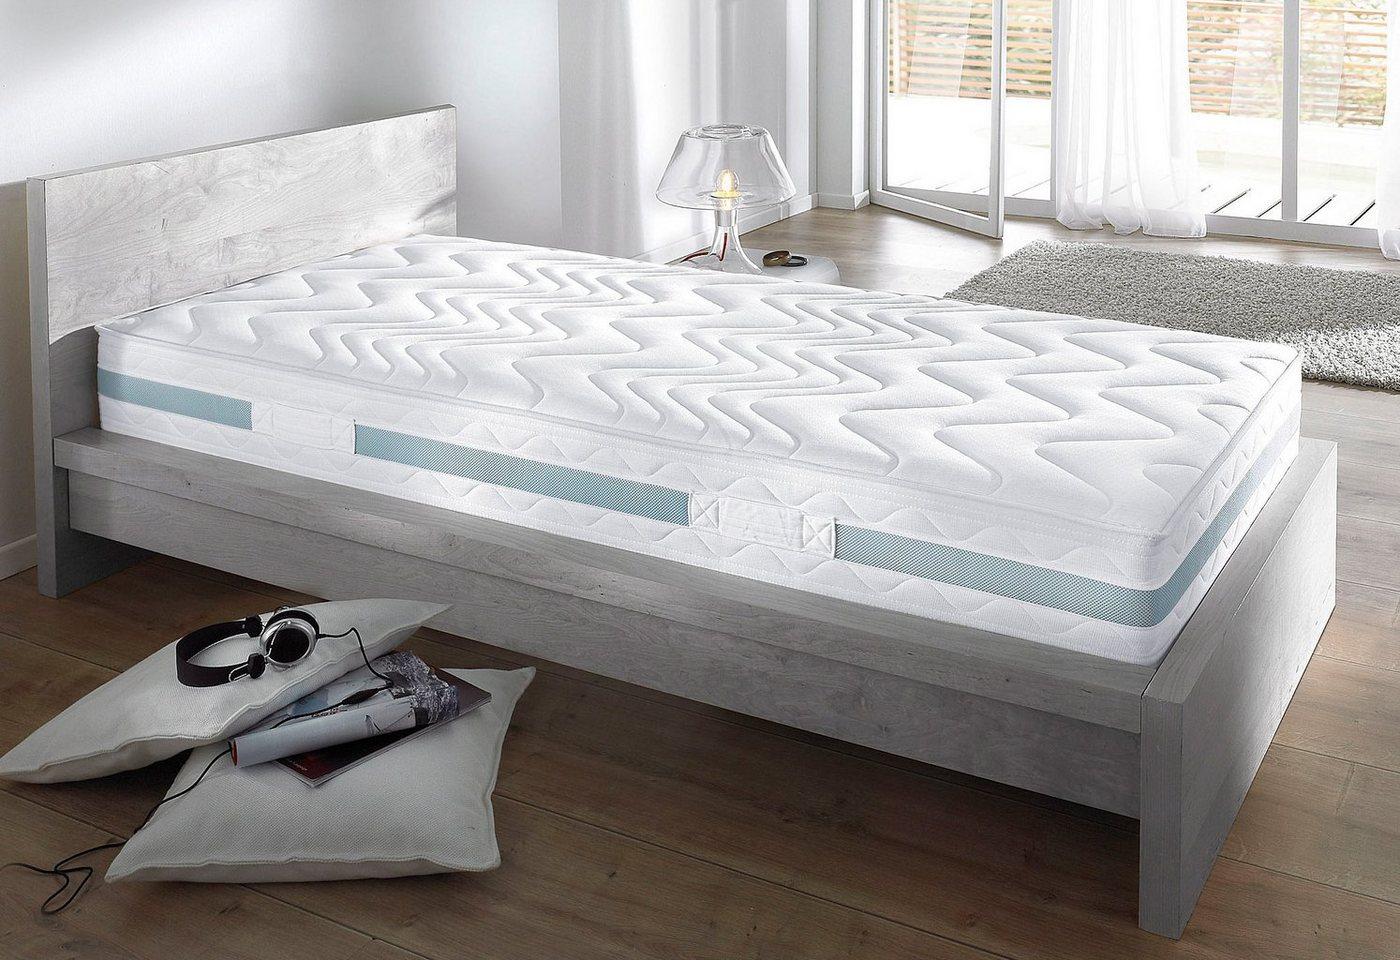 BRECKLE Comfort/koudschuimmatras Zauberschlaf 2500